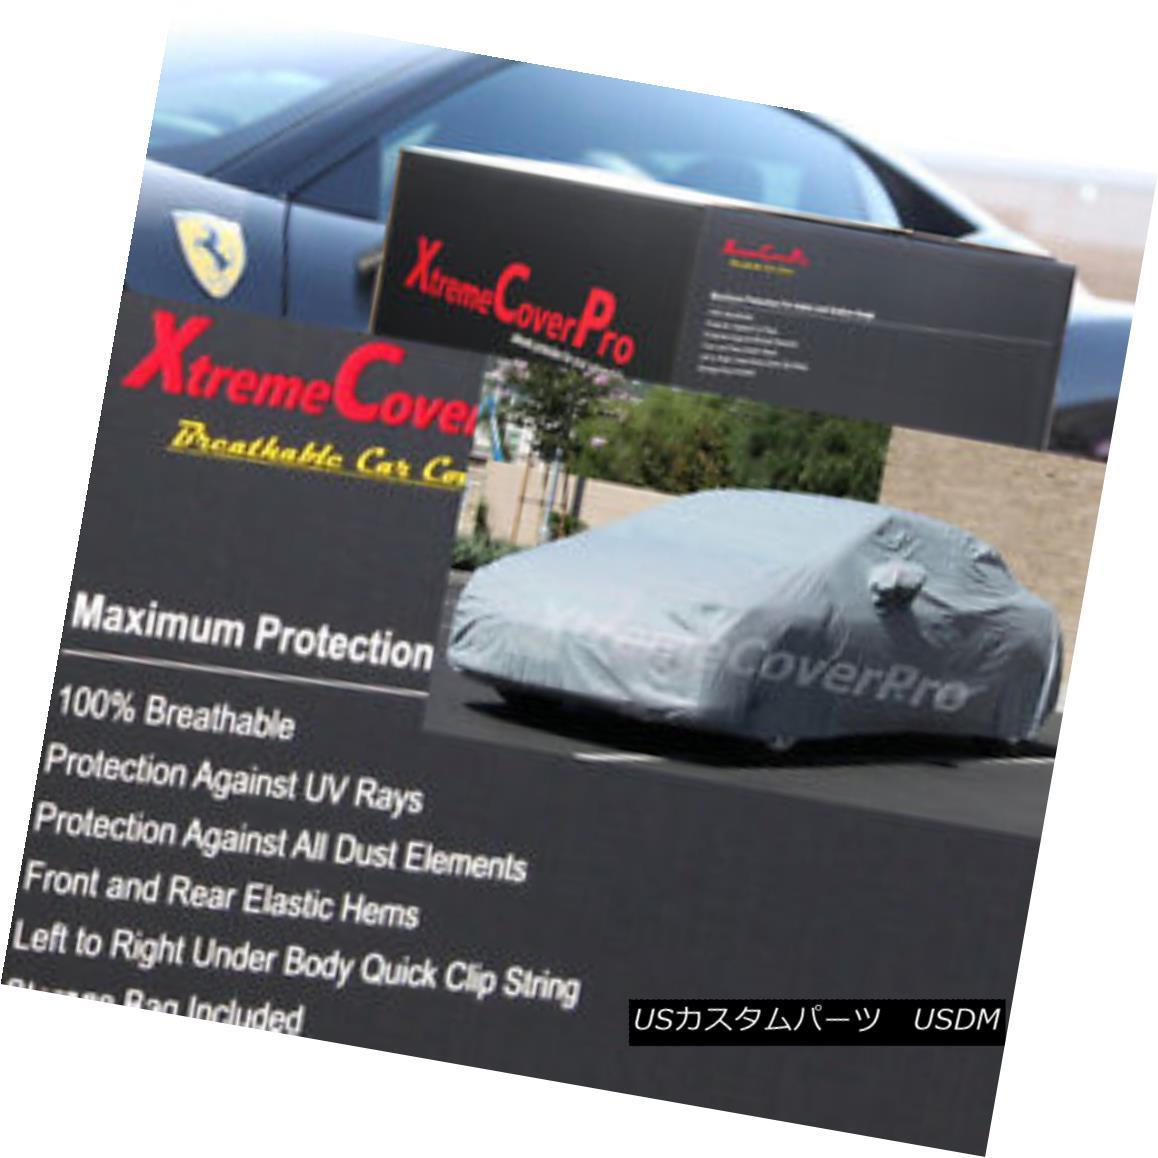 カーカバー 2014 Lincoln MKZ Breathable Car Cover w/ Mirror Pocket 2014年のリンカーンMKZ通気性車カバー(ミラーポケット付)